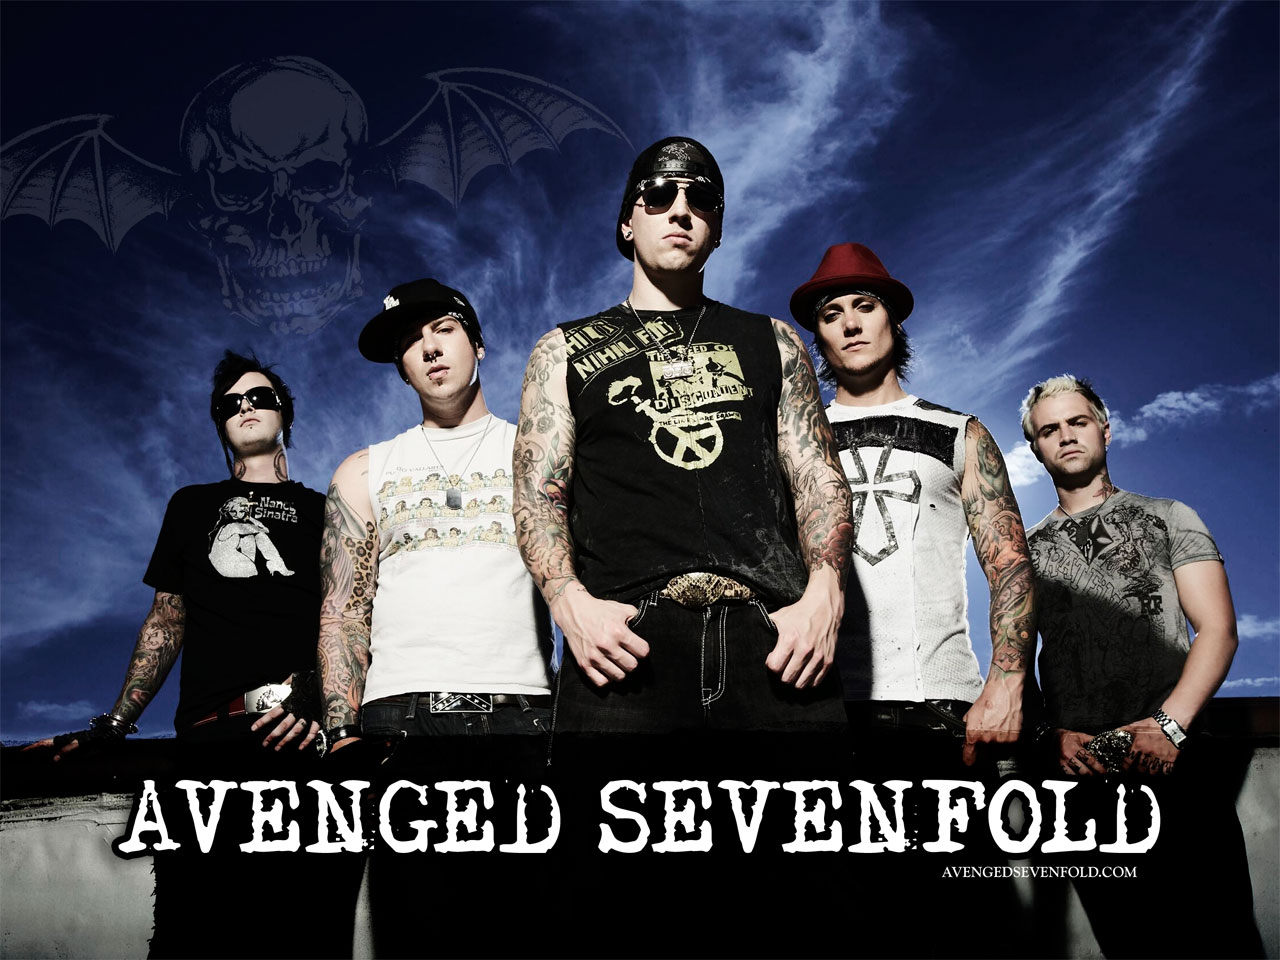 http://2.bp.blogspot.com/-AOgszmjN8Fk/UDZwSLs_8BI/AAAAAAAAA8k/PclQvX8NlmM/s1600/Avenged+Sevenfold+%2814%29.jpg